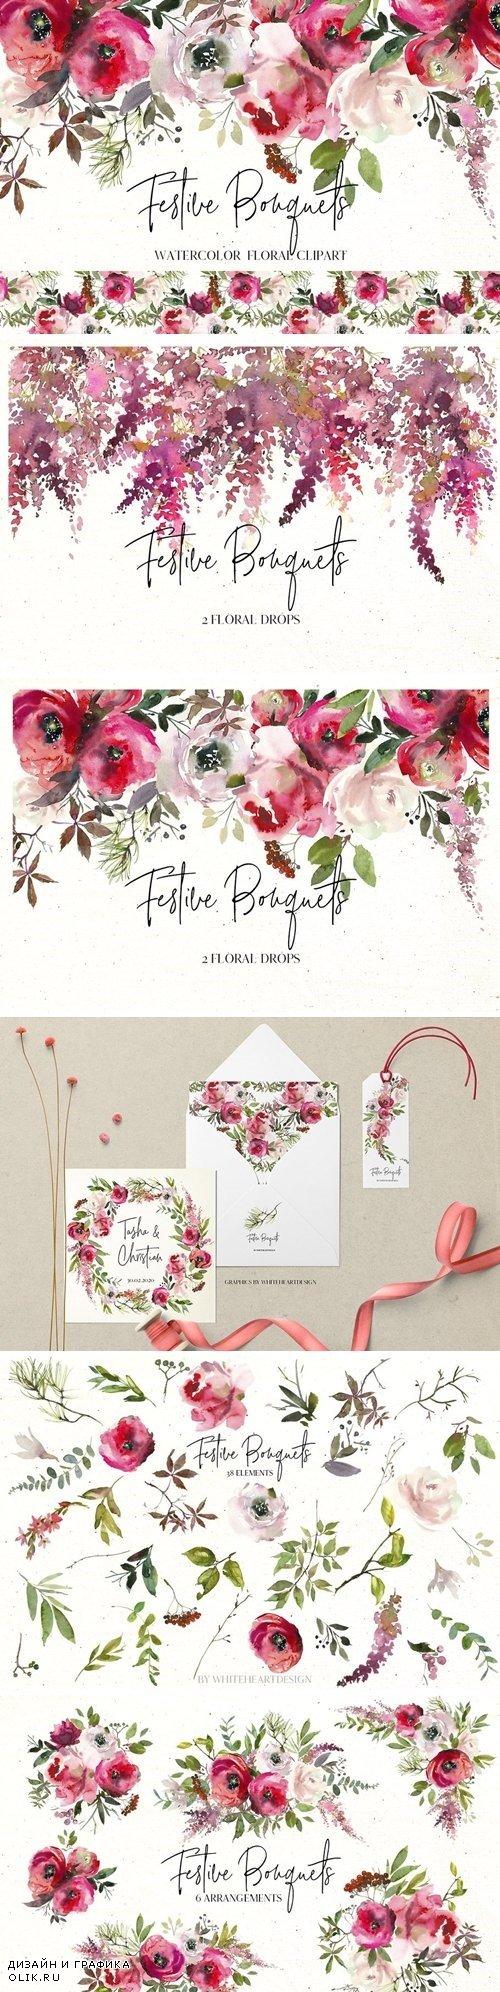 Festive Bouquets Watercolor Flowers - 3004799